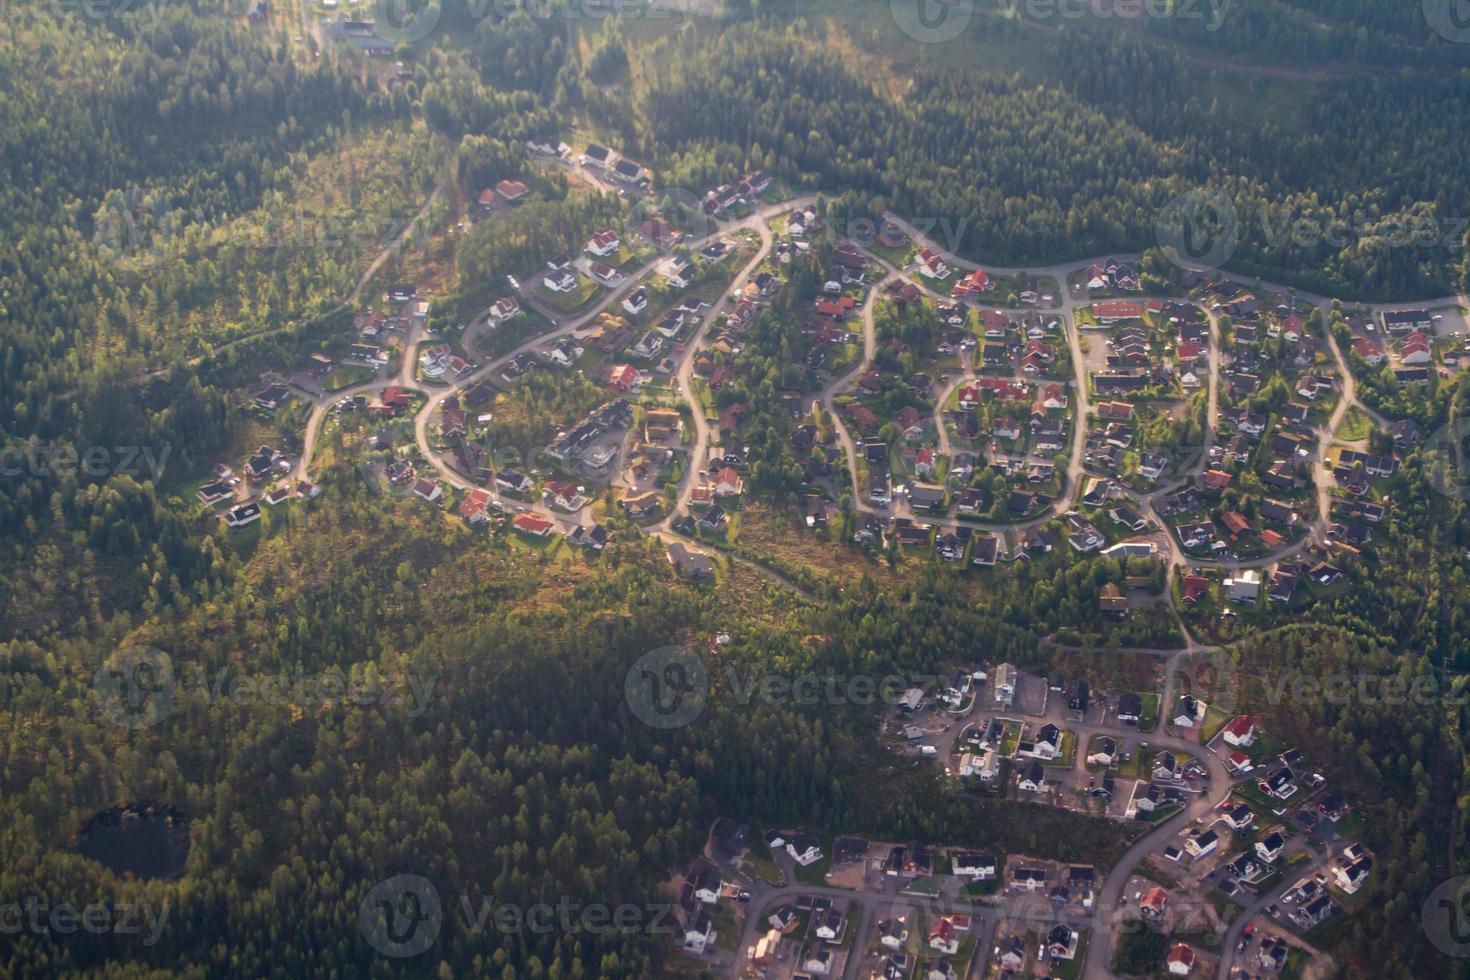 pequena cidade cercada por uma floresta. foto